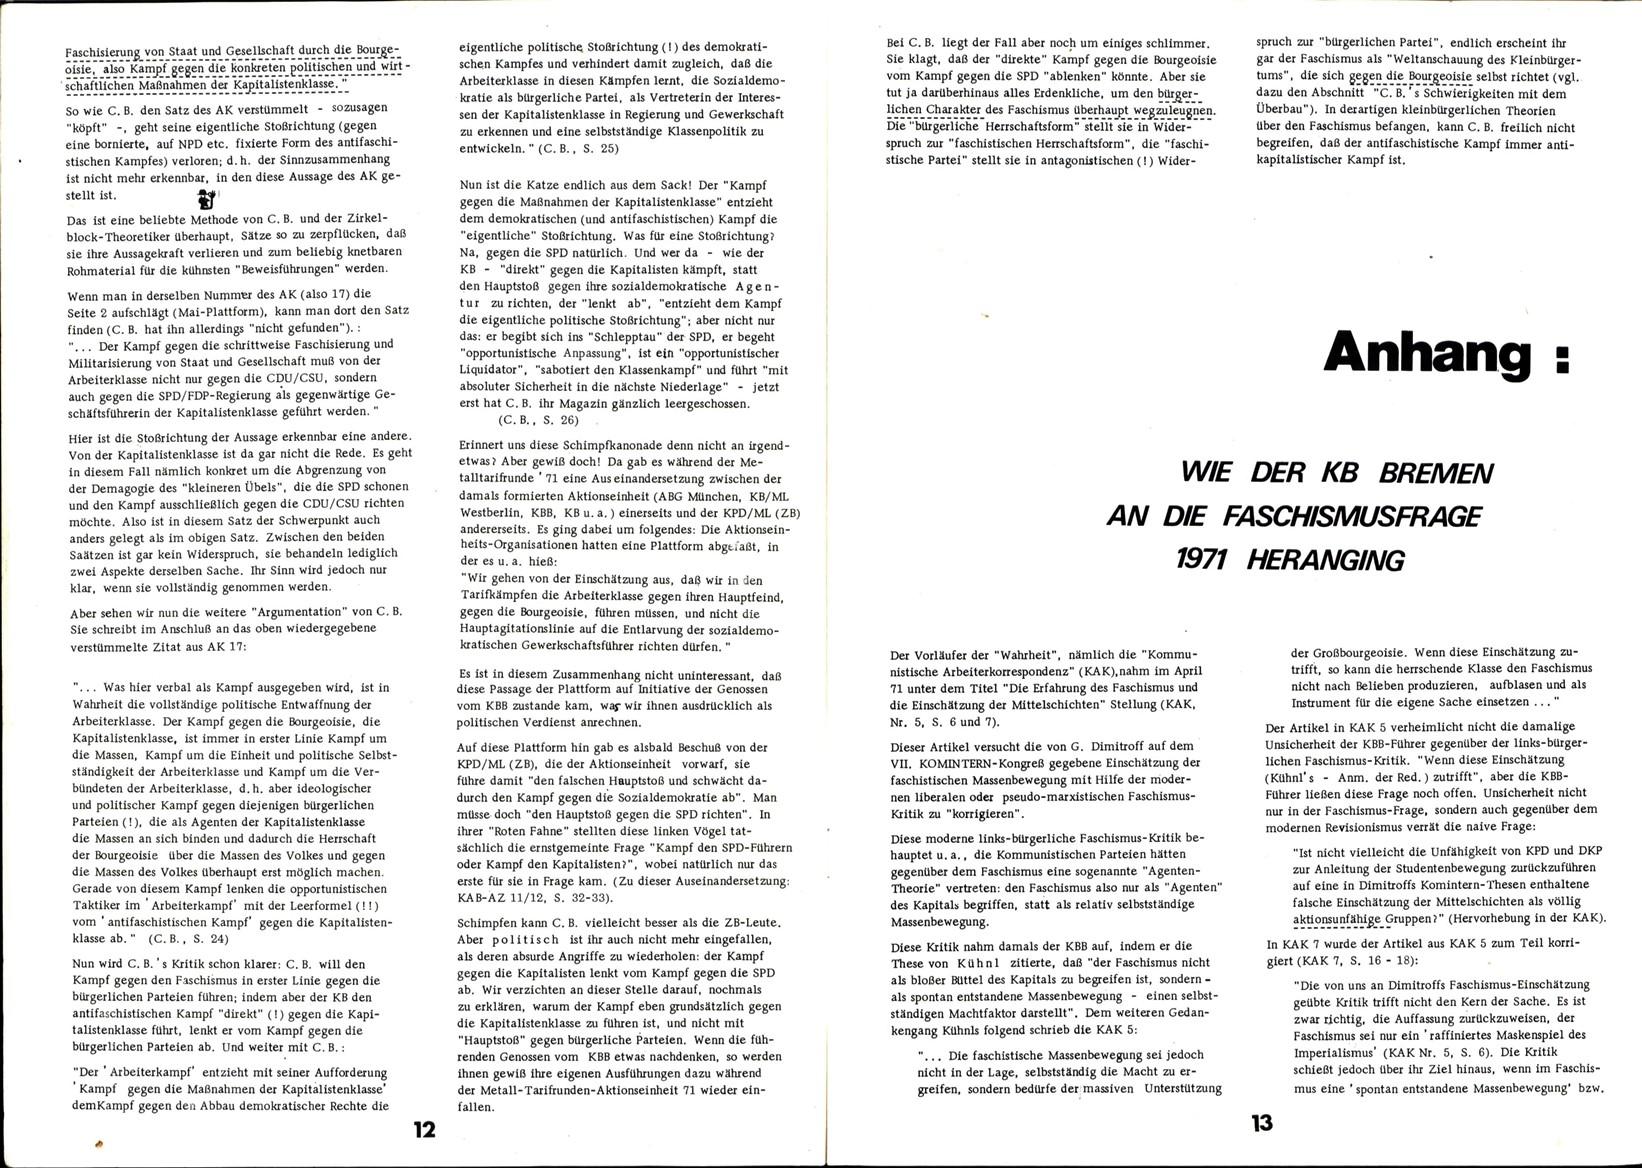 KB_Unser_Weg_1973_19_07